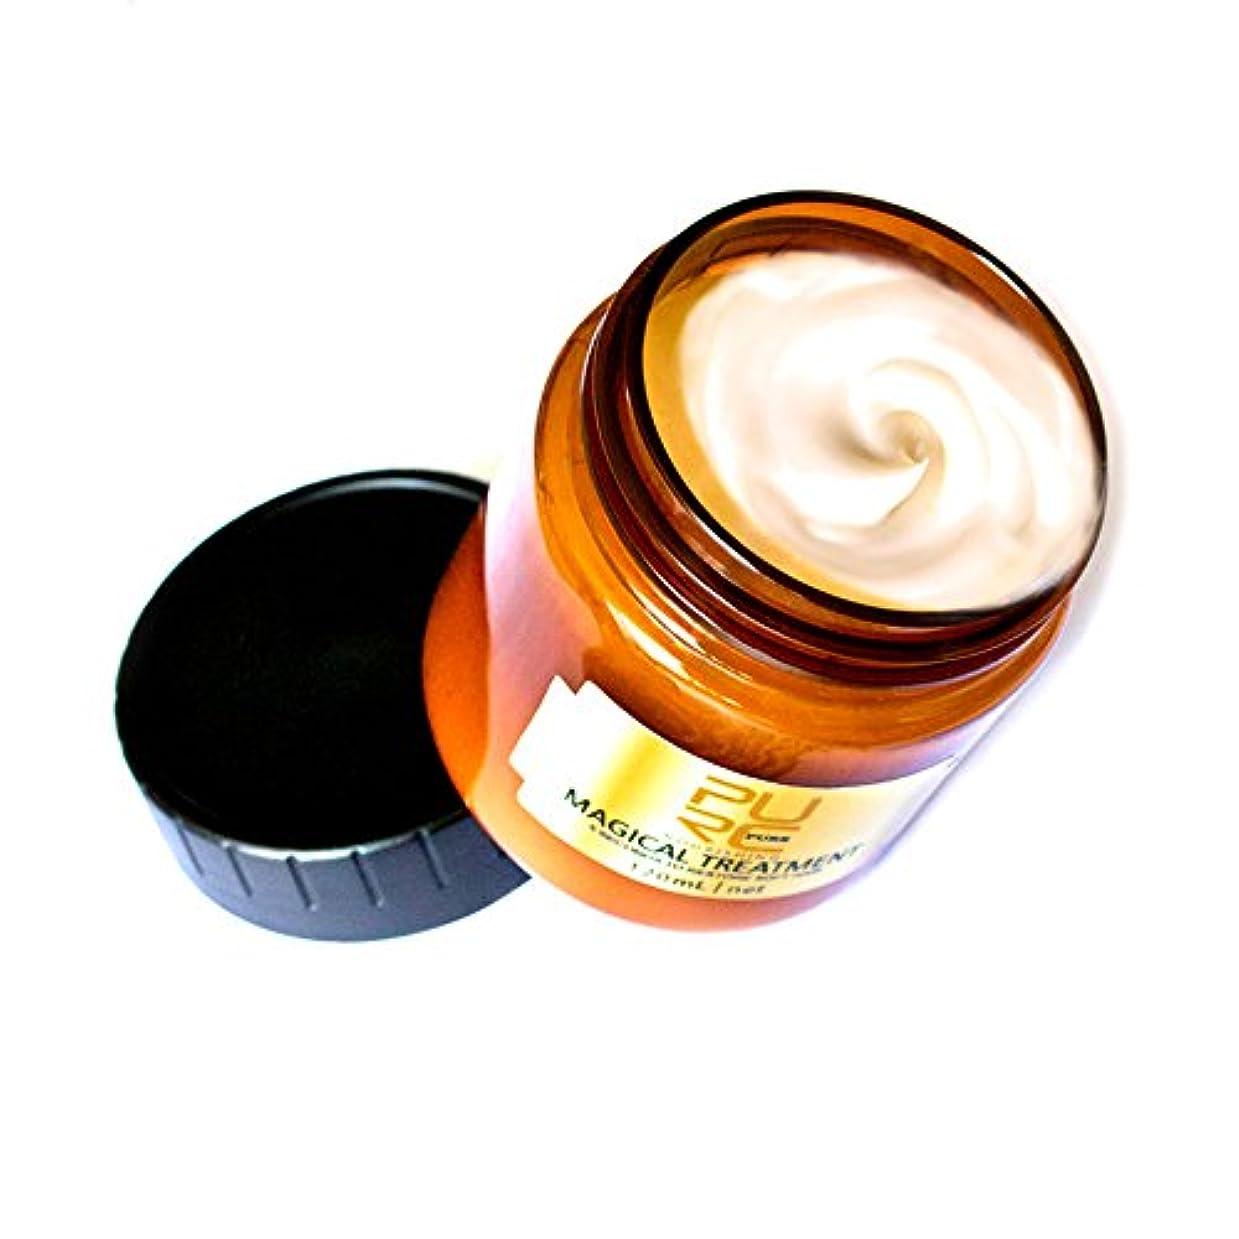 ふけるテンション画家魔法のヘアマスク 先端技術 ケラチン成分 柔軟栄養マスク 潤いツヤツヤヘア復元 クセダメージにおさまり集中ケア 毛先までケア カラーストレートパーマにオススメ 乾燥髪が硬い太い広がる人ぴったり パサつきがなくなり (60ml)